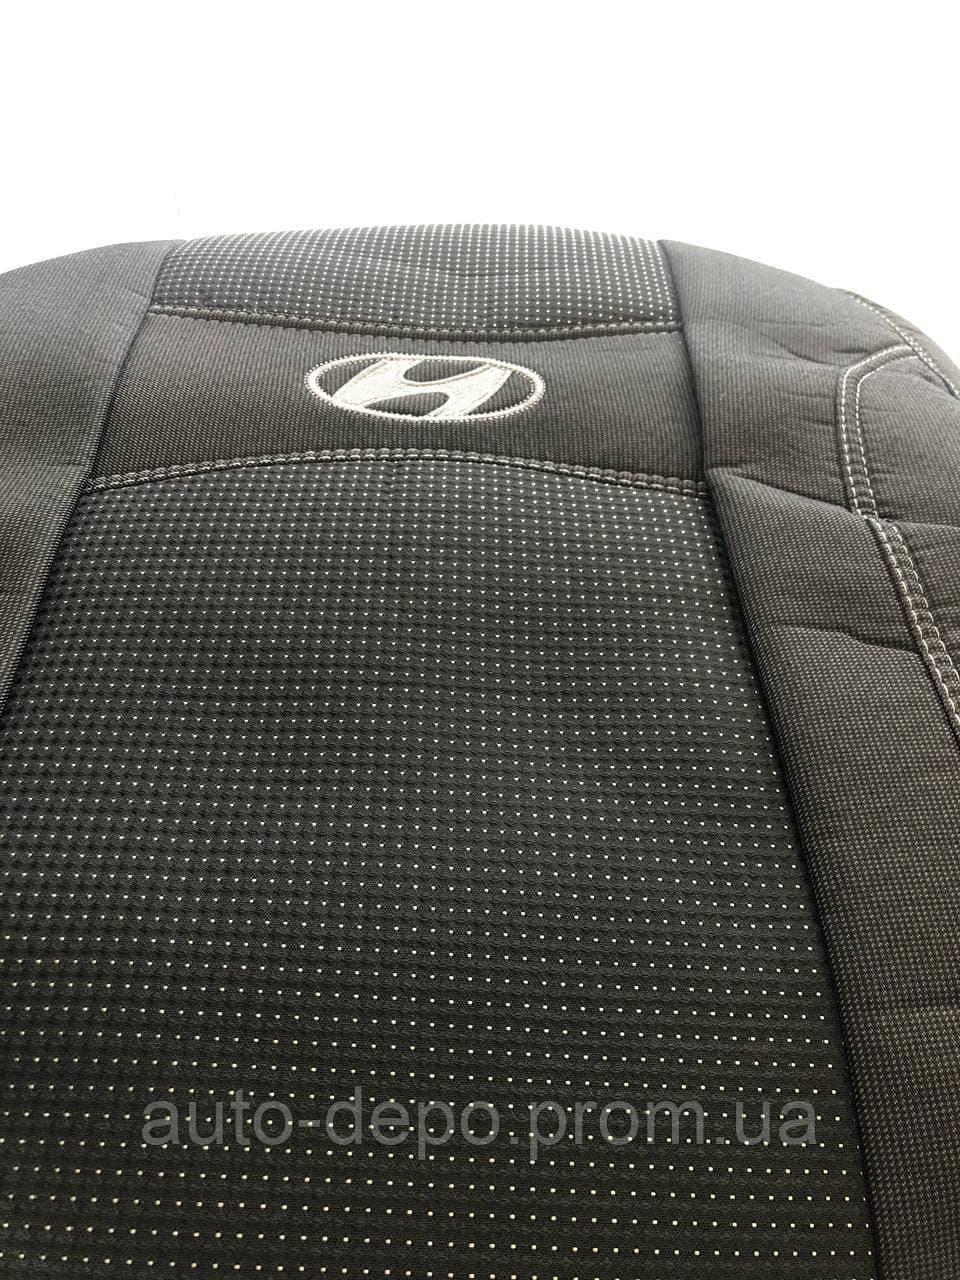 Чохли для автомобіля Хундай, Hyundai